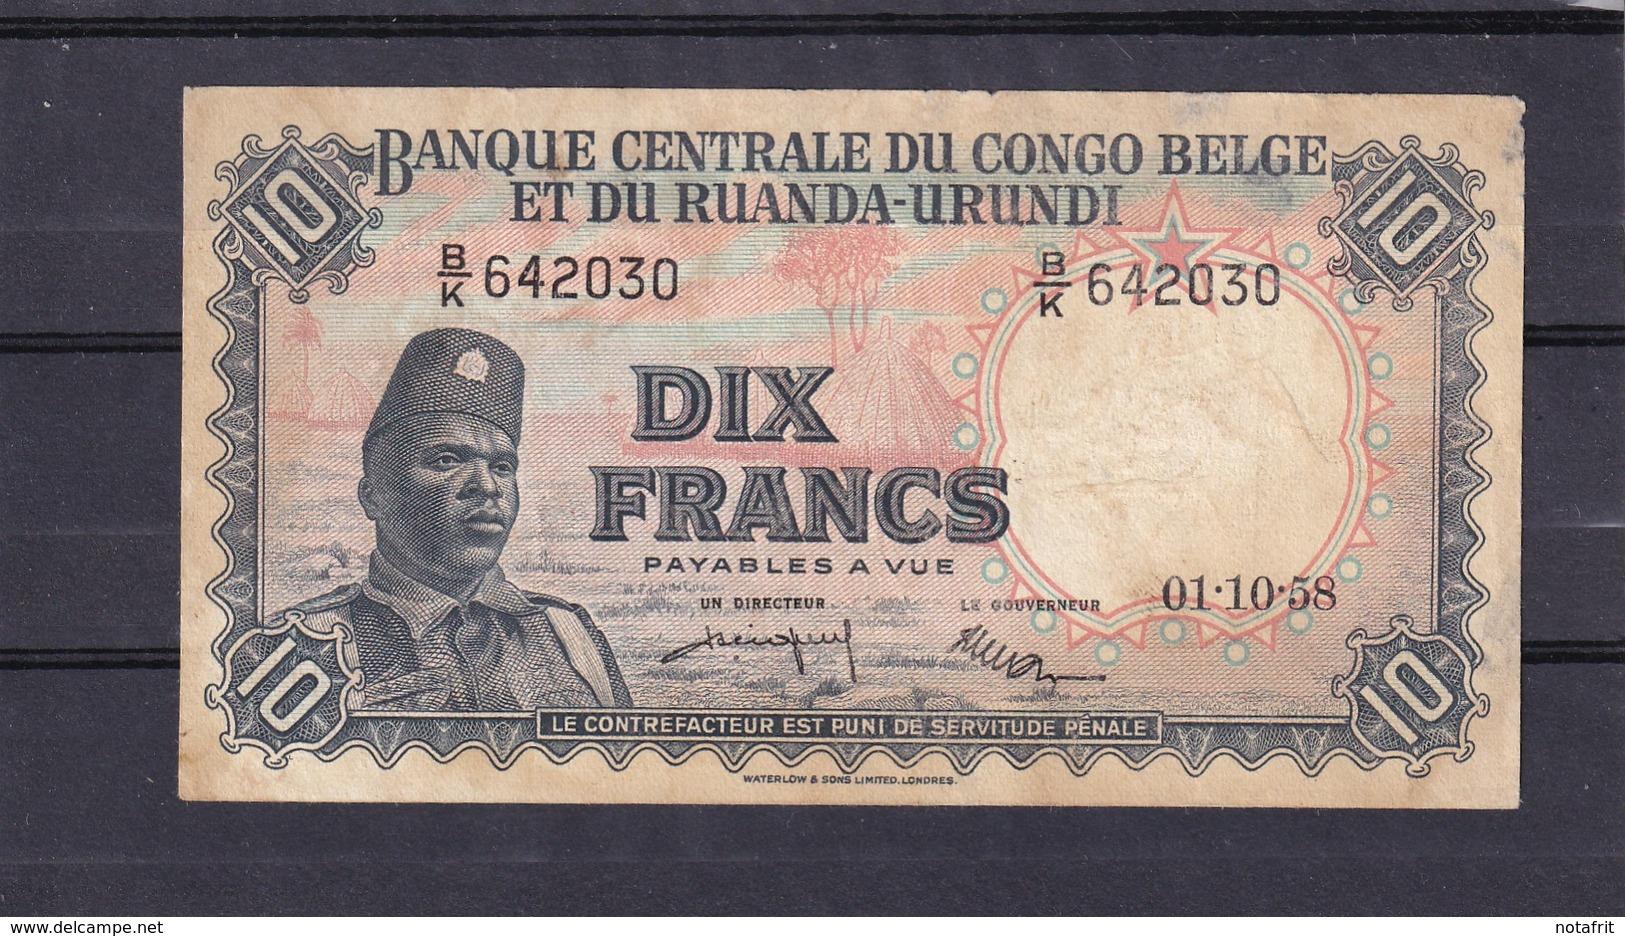 Congo Belgian  10 Fr 1958  XF And Not A Copy !! - República Democrática Del Congo & Zaire